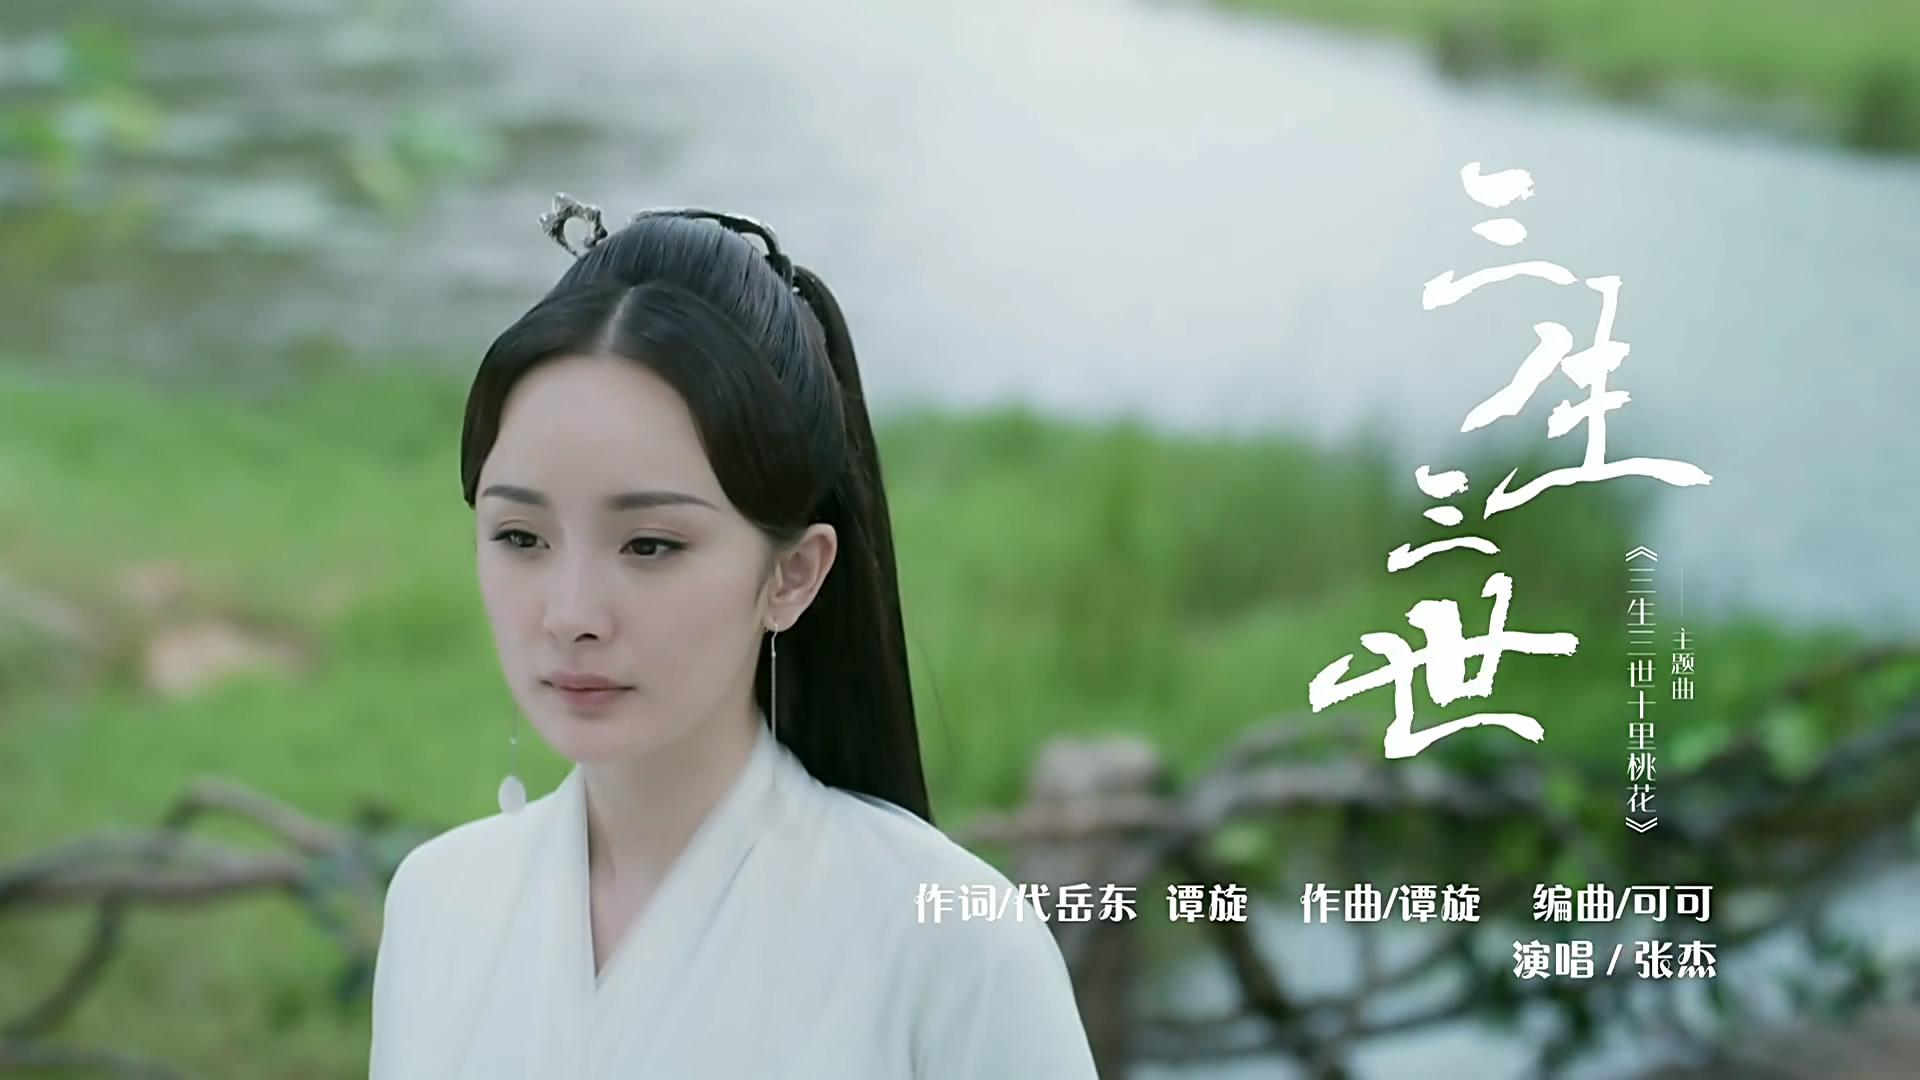 张杰#献唱电视剧《三生三世十里桃花》主题. 来自7